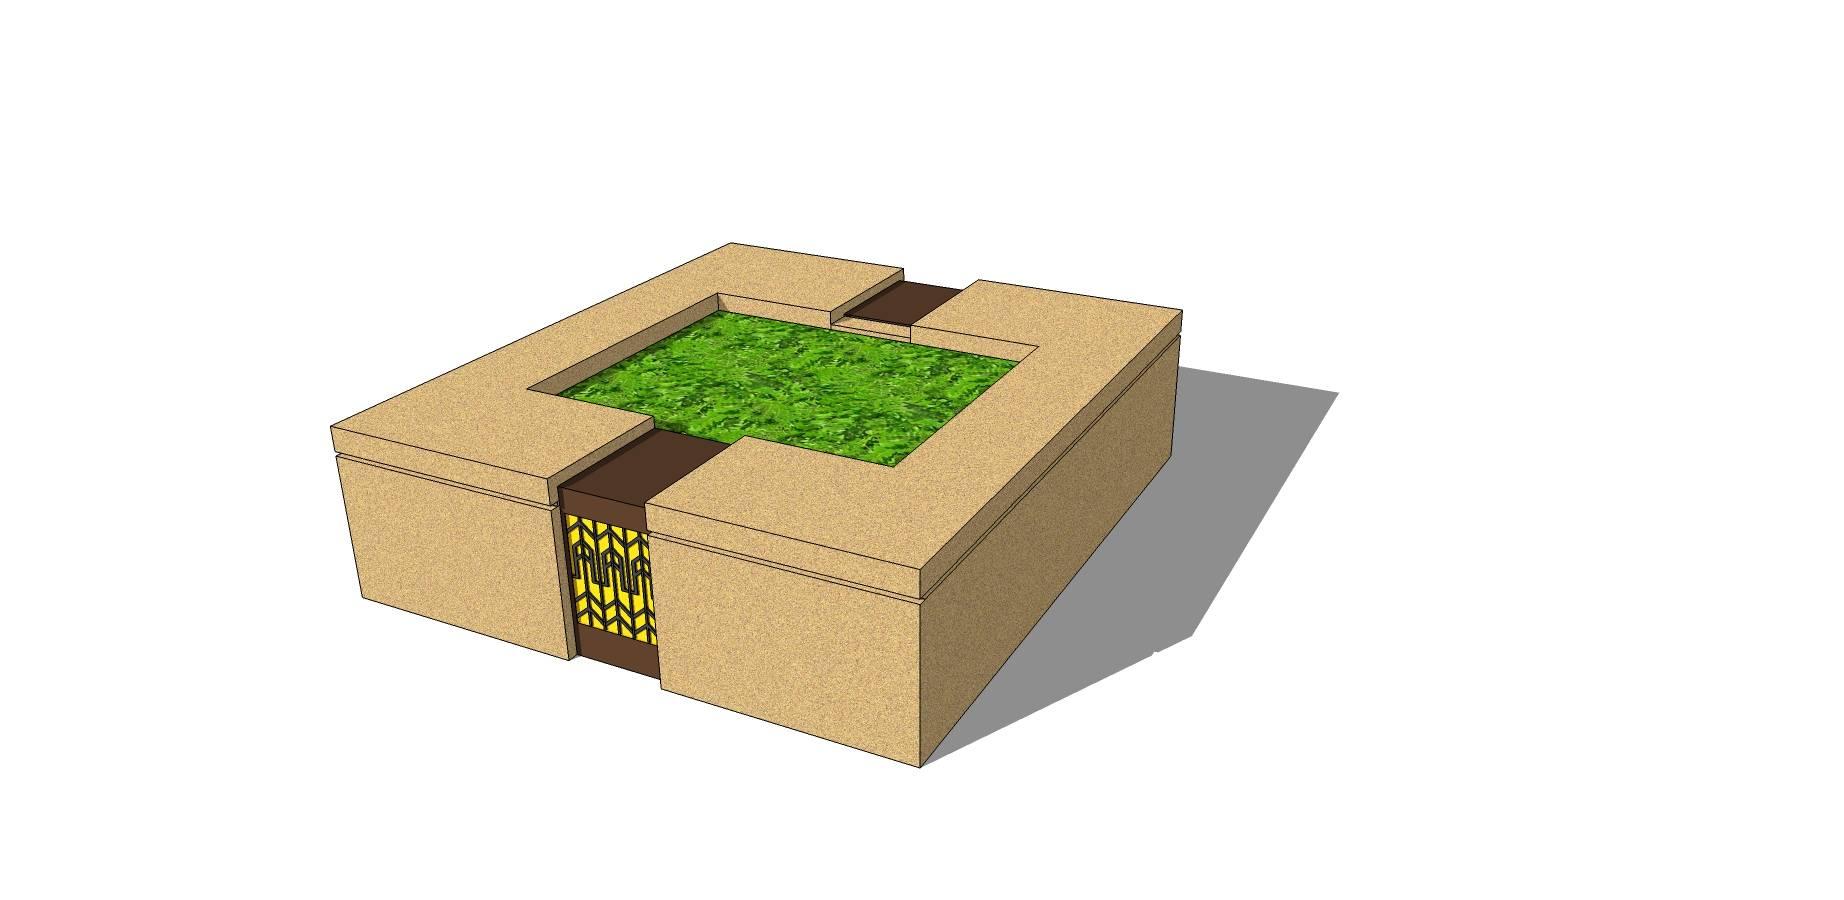 中国风石质矩形种植池座椅模型